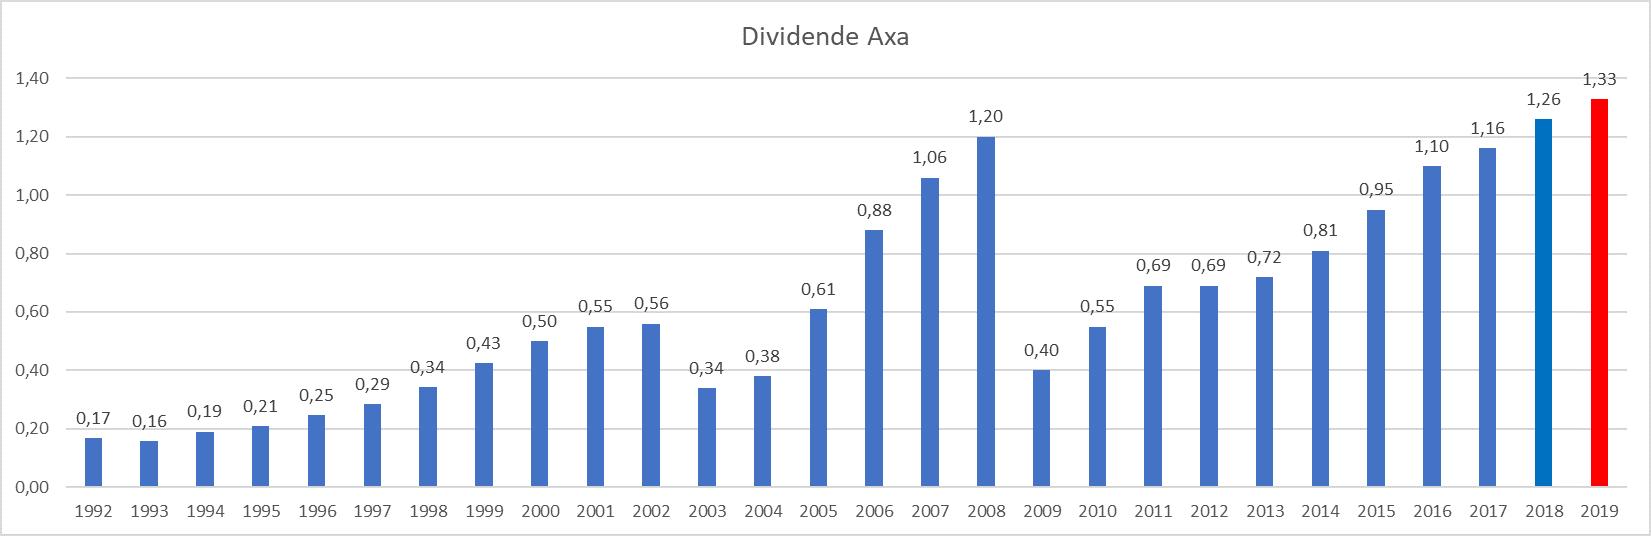 plus gros dividende France AXA